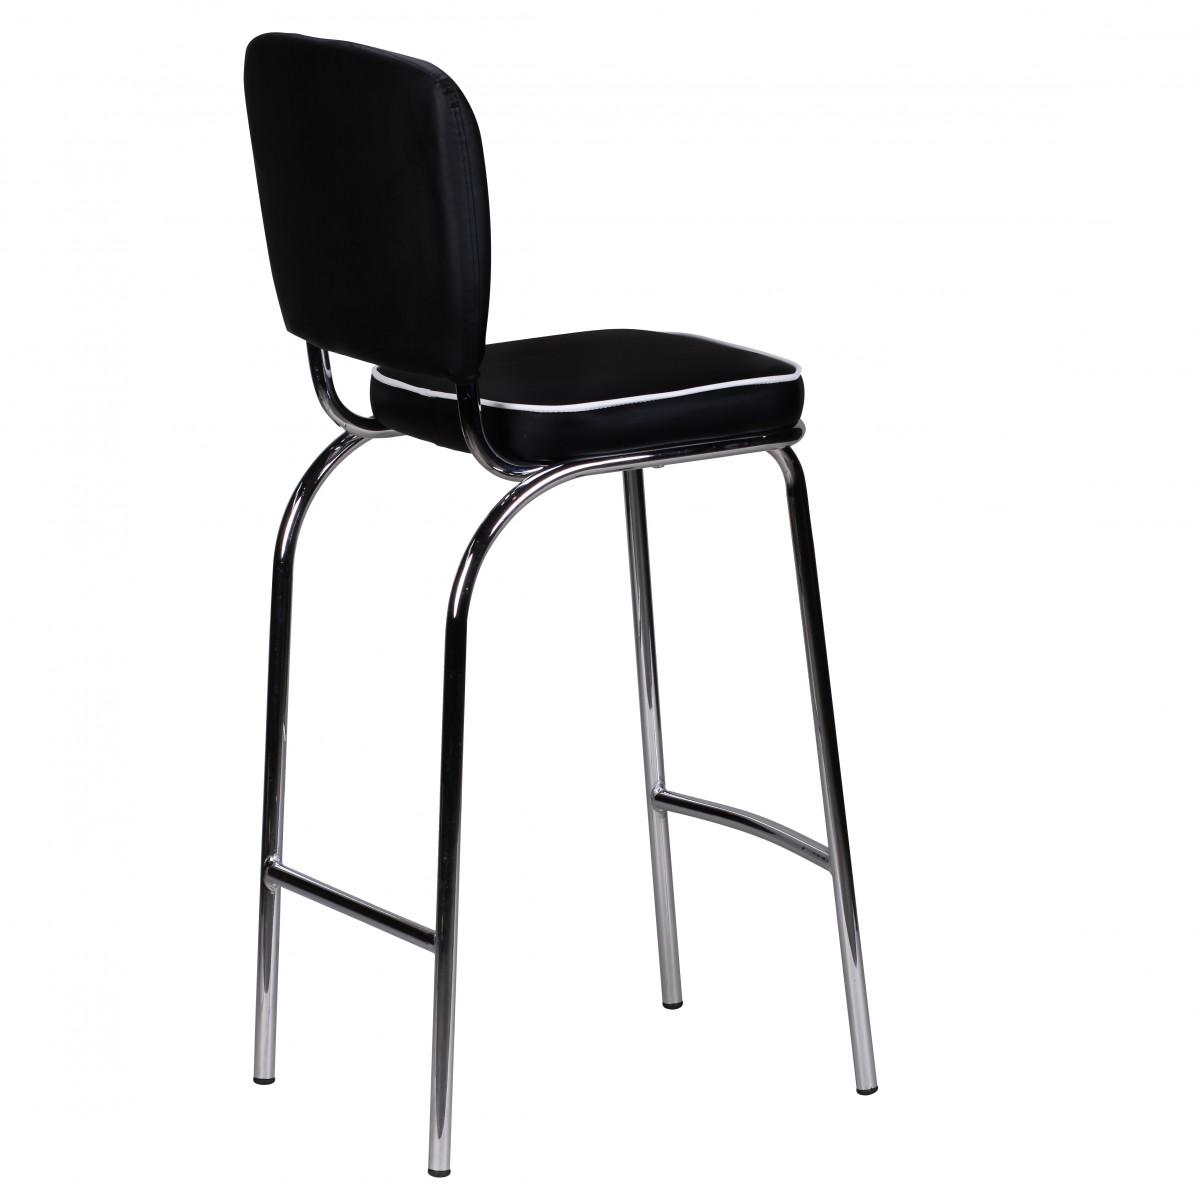 wohnling barstuhl american diner 50er retro schwarz wei. Black Bedroom Furniture Sets. Home Design Ideas